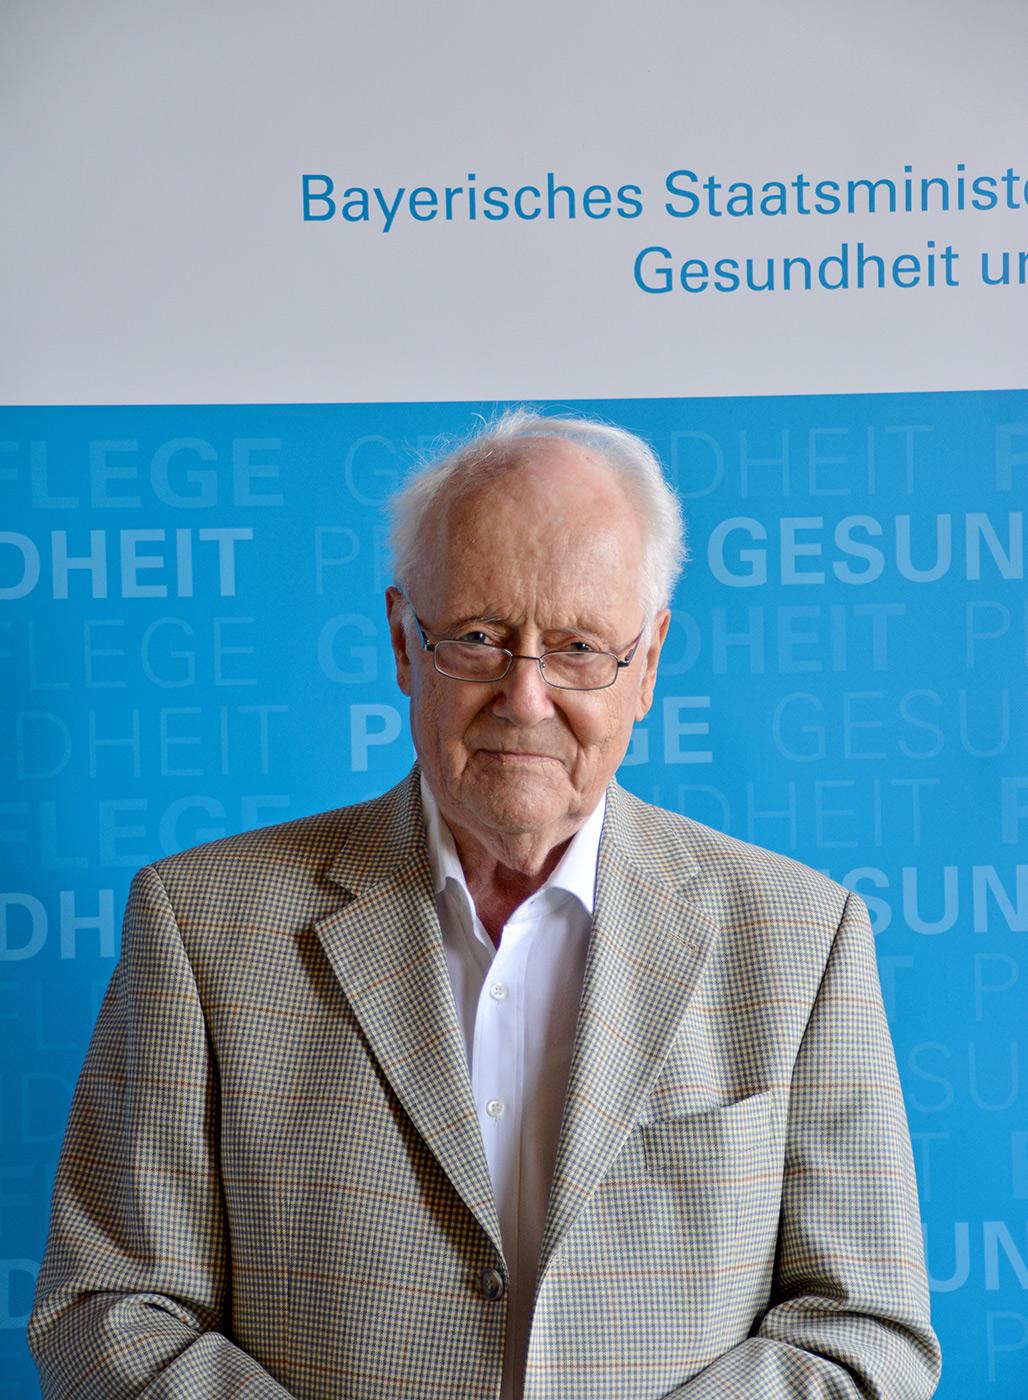 Prof. Gerhard H. Schlund, Mitglied der Bayerischen Ethikkommission für Präimplantationsdiagnostik